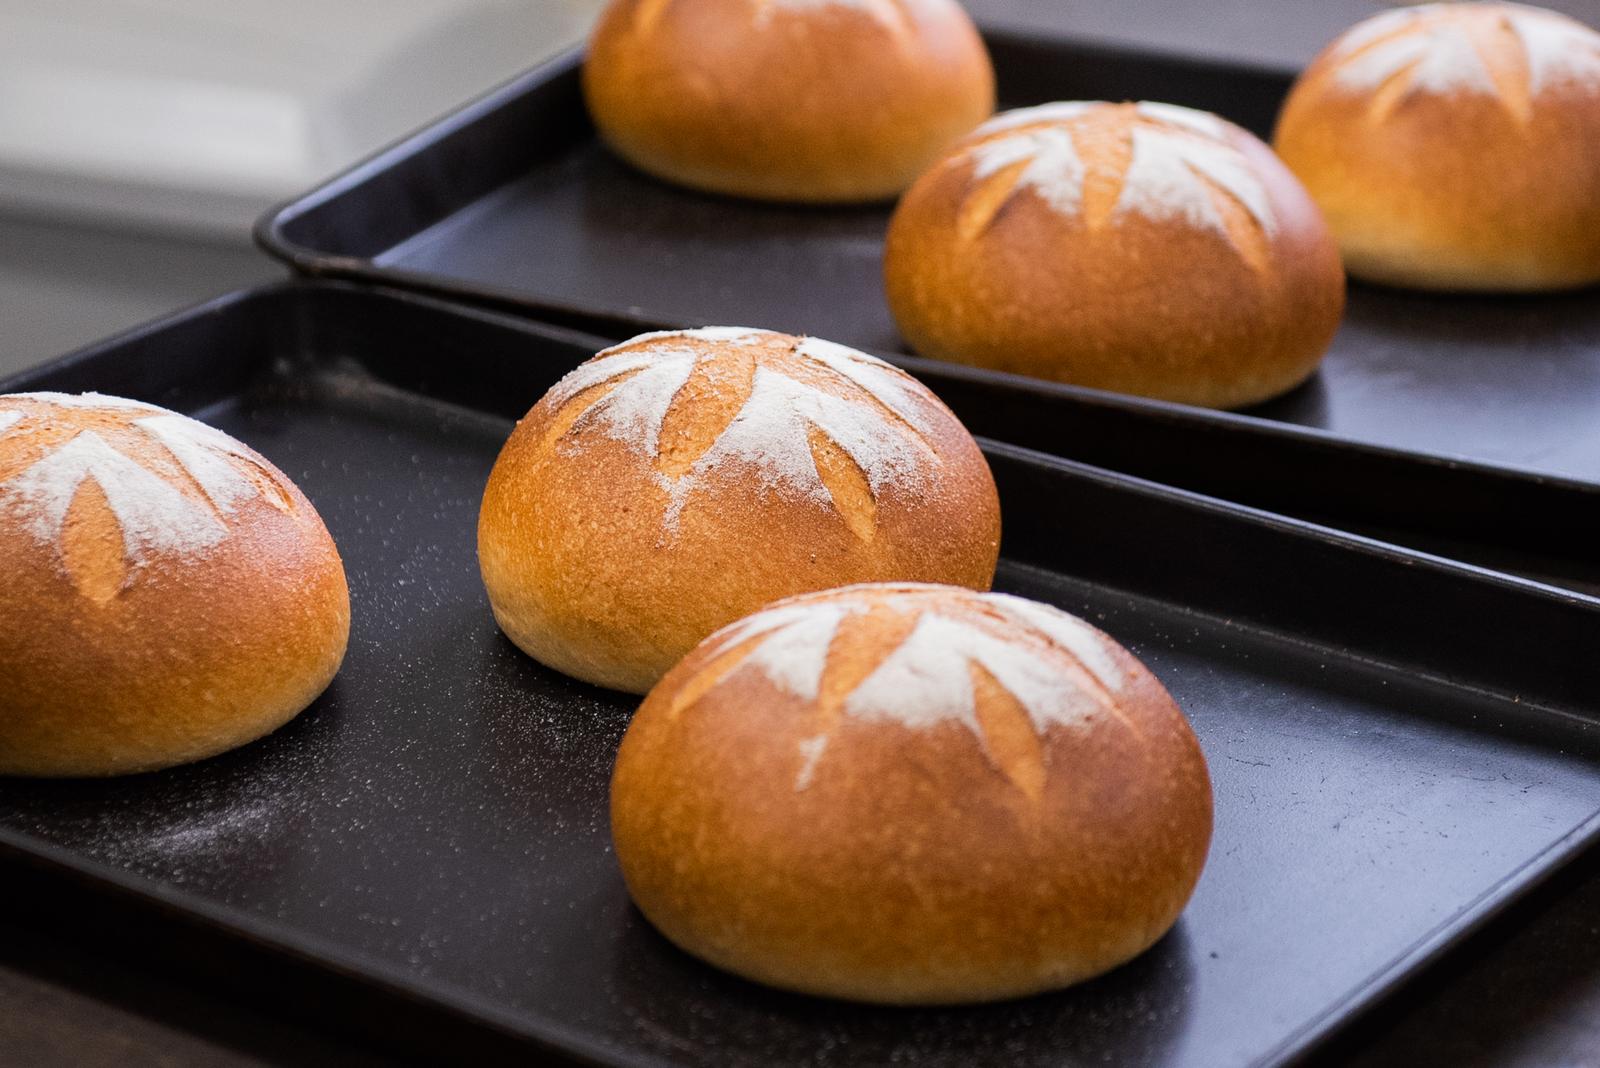 海外並行輸入正規品 自社栽培した玄米を80%以上使用して焼き上げた玄米ぱんを急速冷凍しおいしさを保ちました 自然解凍でいつでも焼きたて風味 食感が楽しめるセットです 低糖質 お取り寄せ パン 無添加 玄米ペーストカンパーニュ 2個セット 糖質制限 低カロリー 玄米パン 食パン おきかえ 伊佐米使用 送料無料 一部地域を除く プレゼント 冷凍パン 7種類14個お試しLセットと同梱で送料無料 保存食 贈り物 添加物不使用